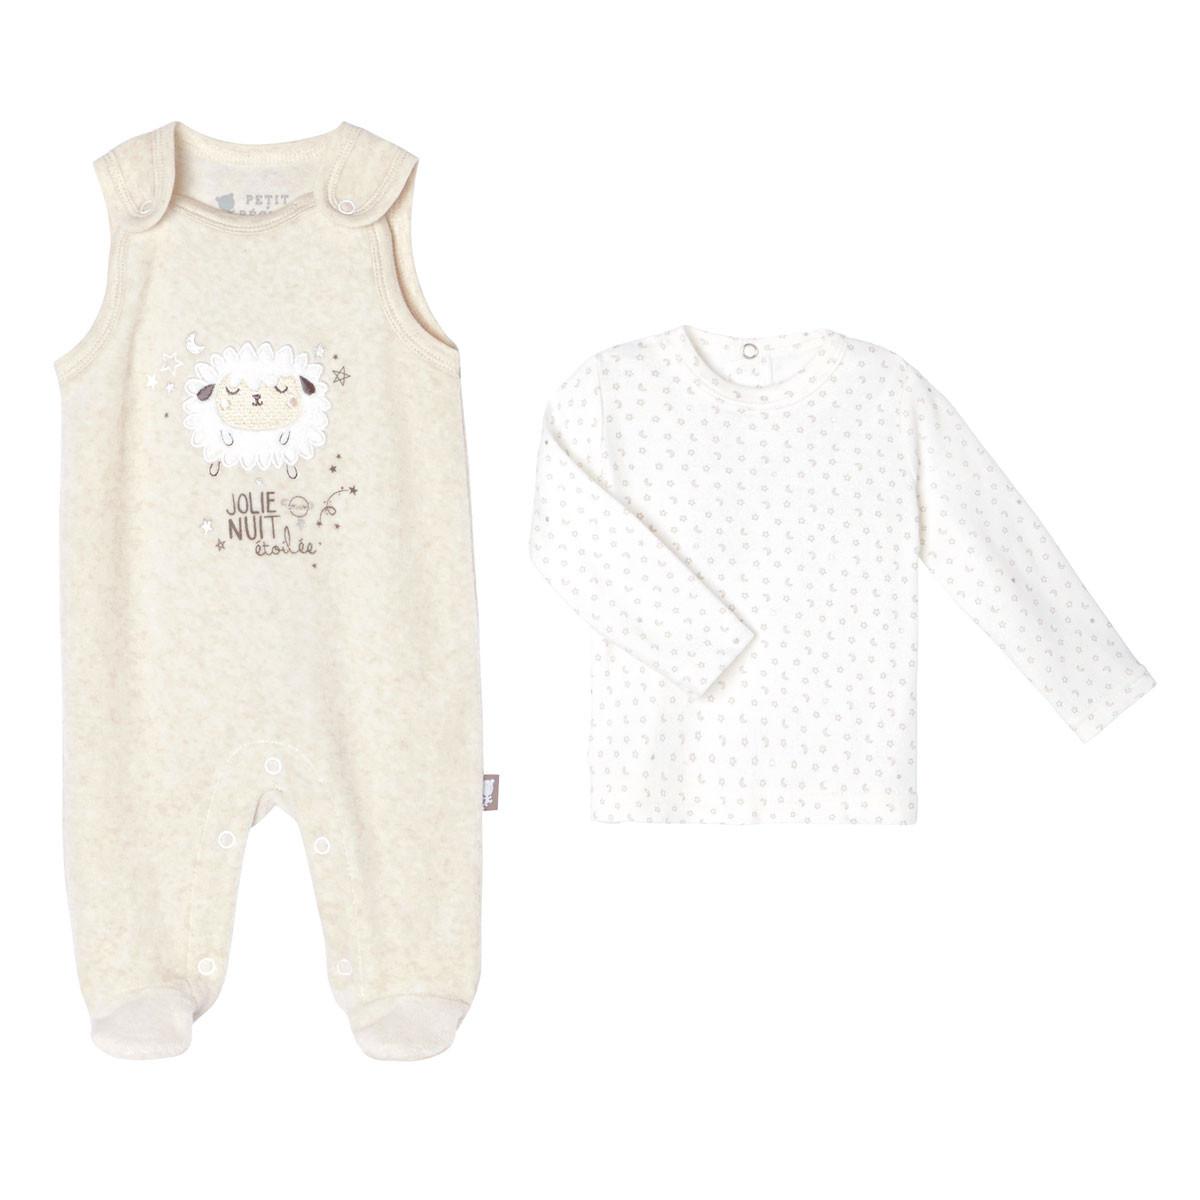 Salopette velours + T-shirt à manches longues coton bébé mixte Nuit Etoilée